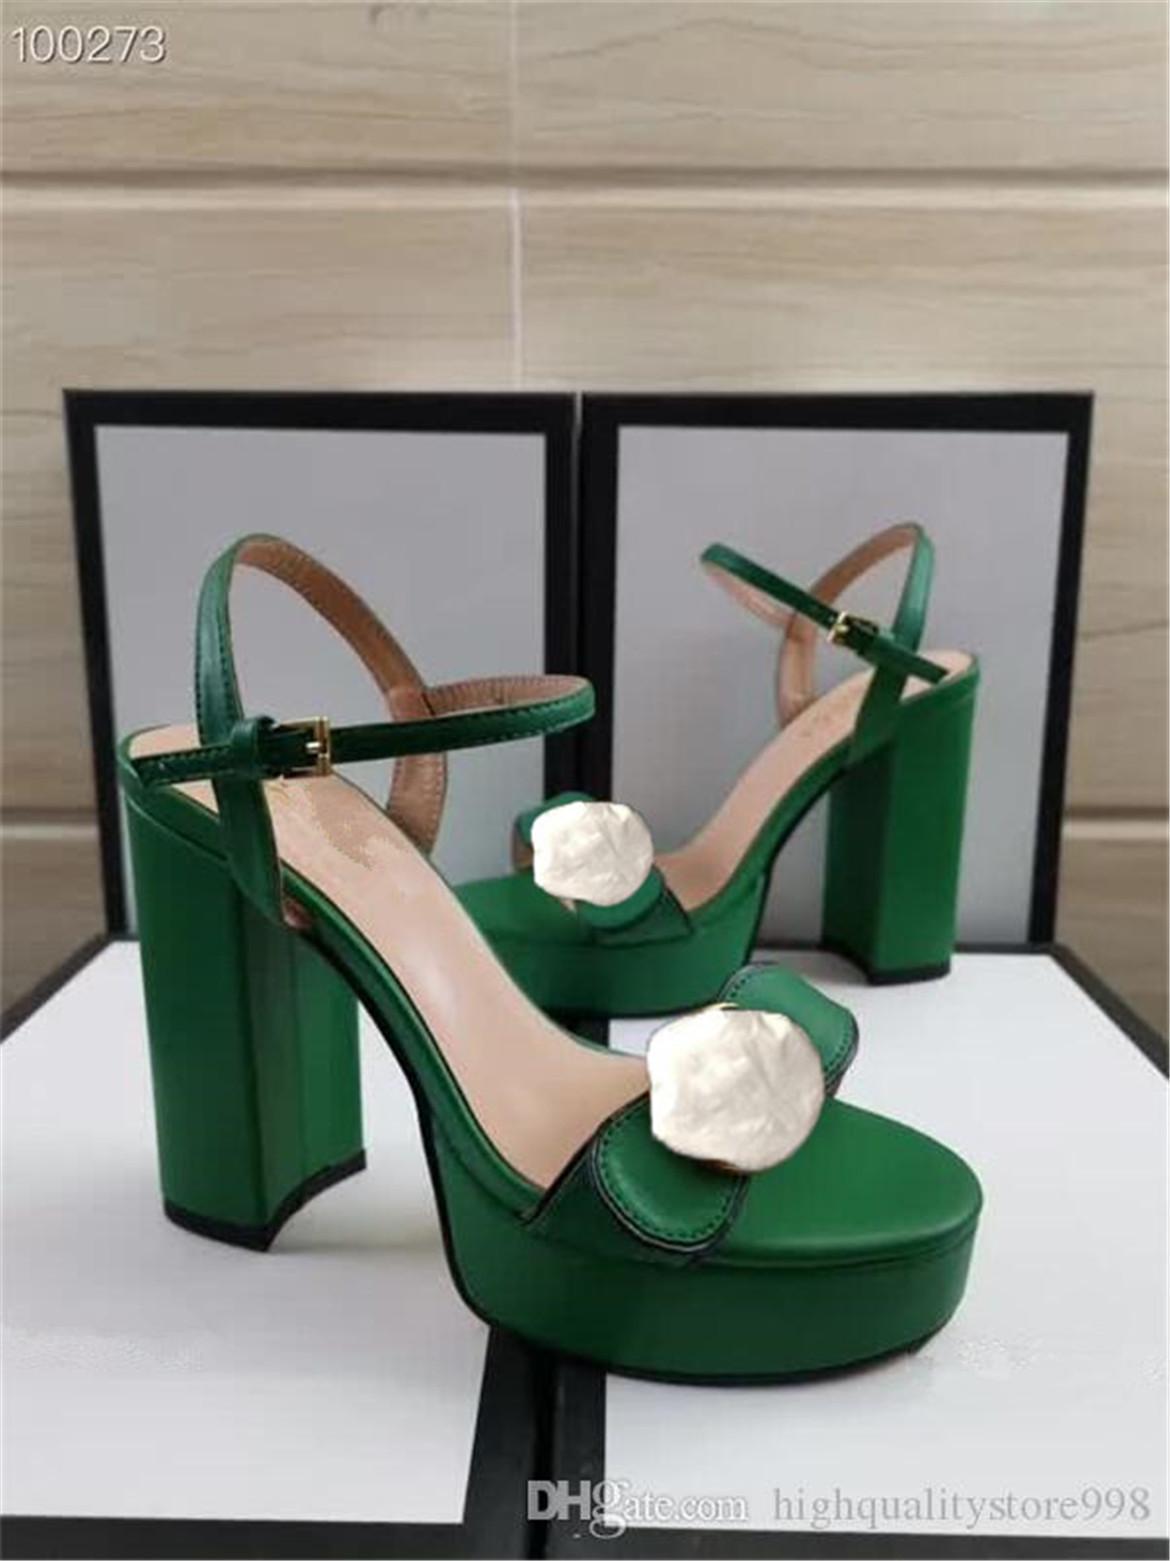 talons hauts femmes chaussures sandales pantoufles les dernières marques talons plats pantoufles sandales de banquet de feamerman chaussures 357